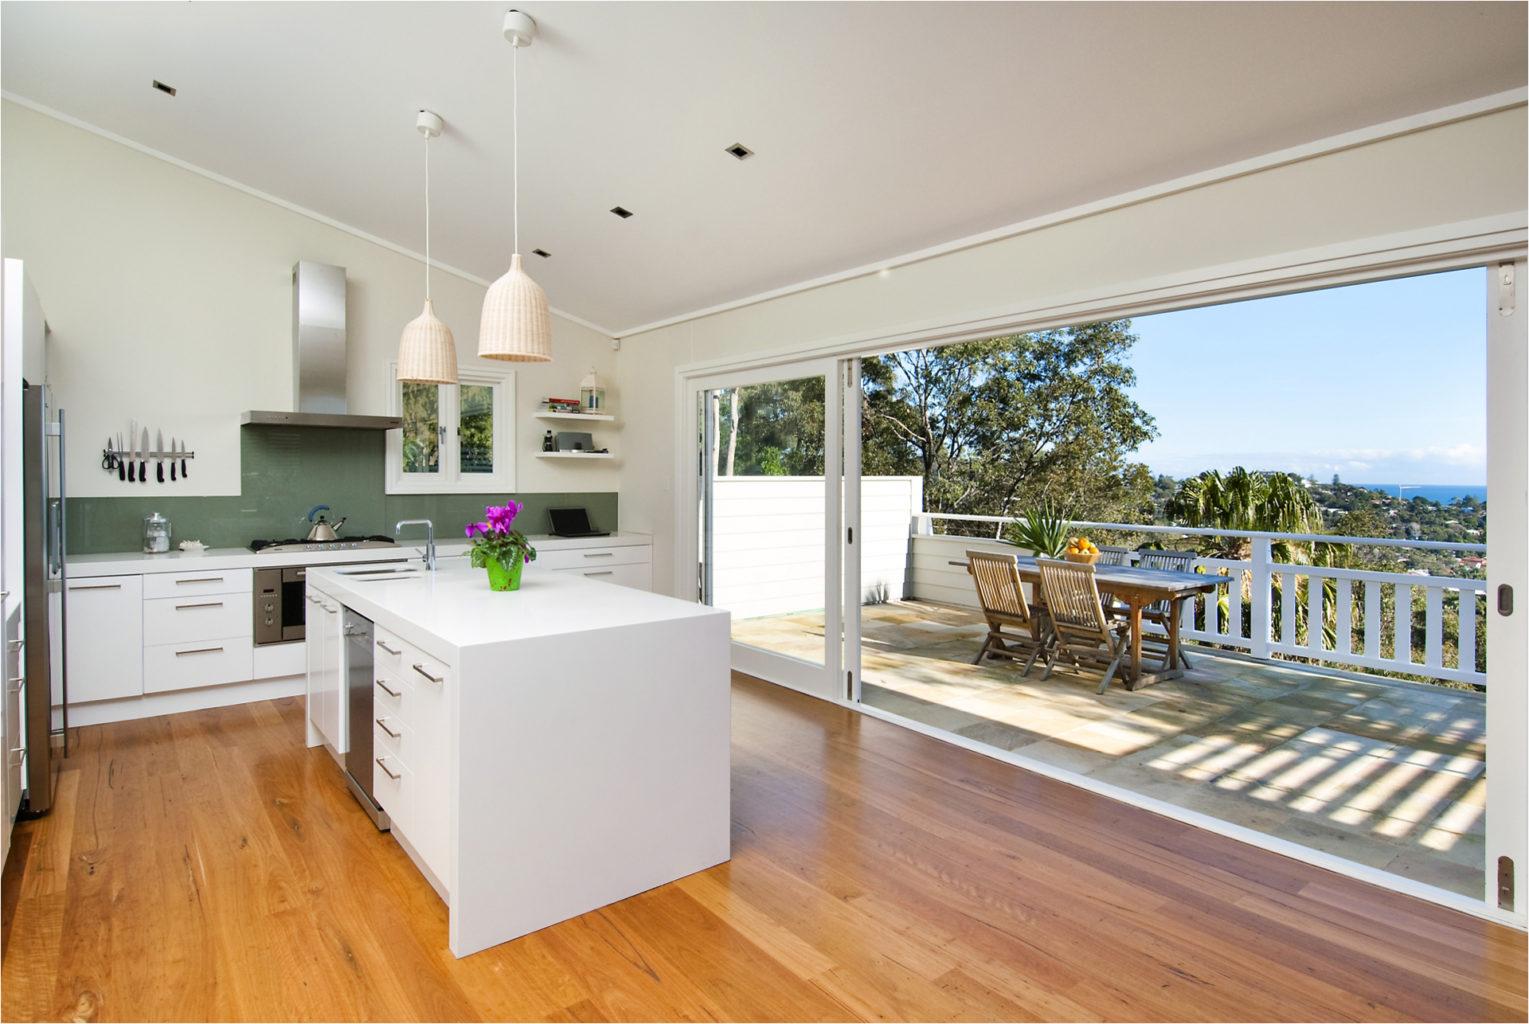 Дизайн интерьера кухни с балконом.